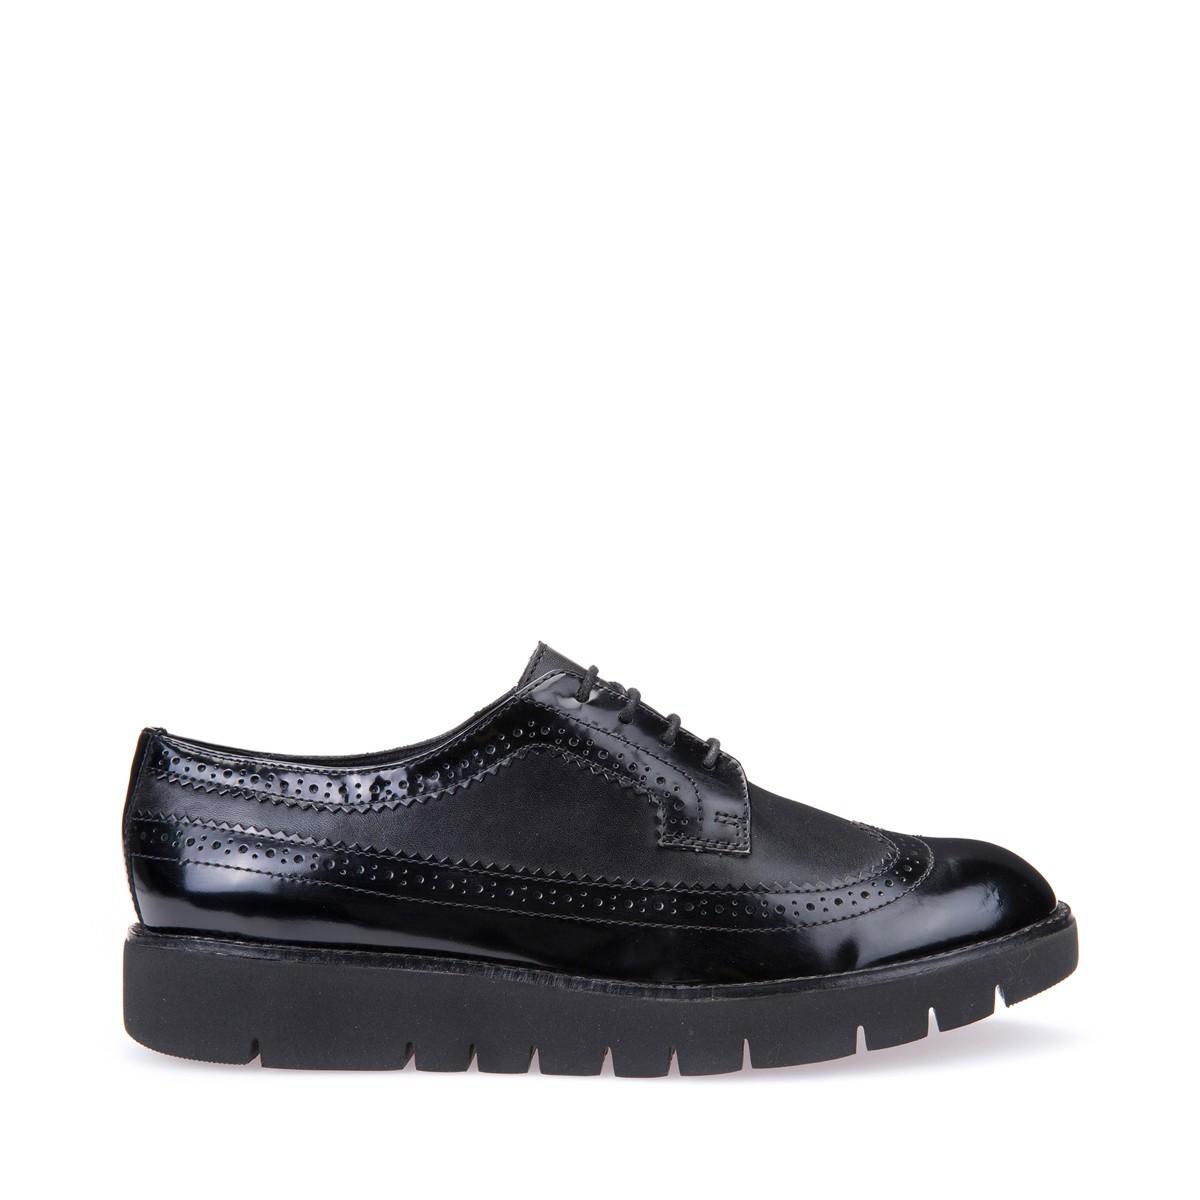 Geox scarpe da donna in pelle e vernice nero leggere